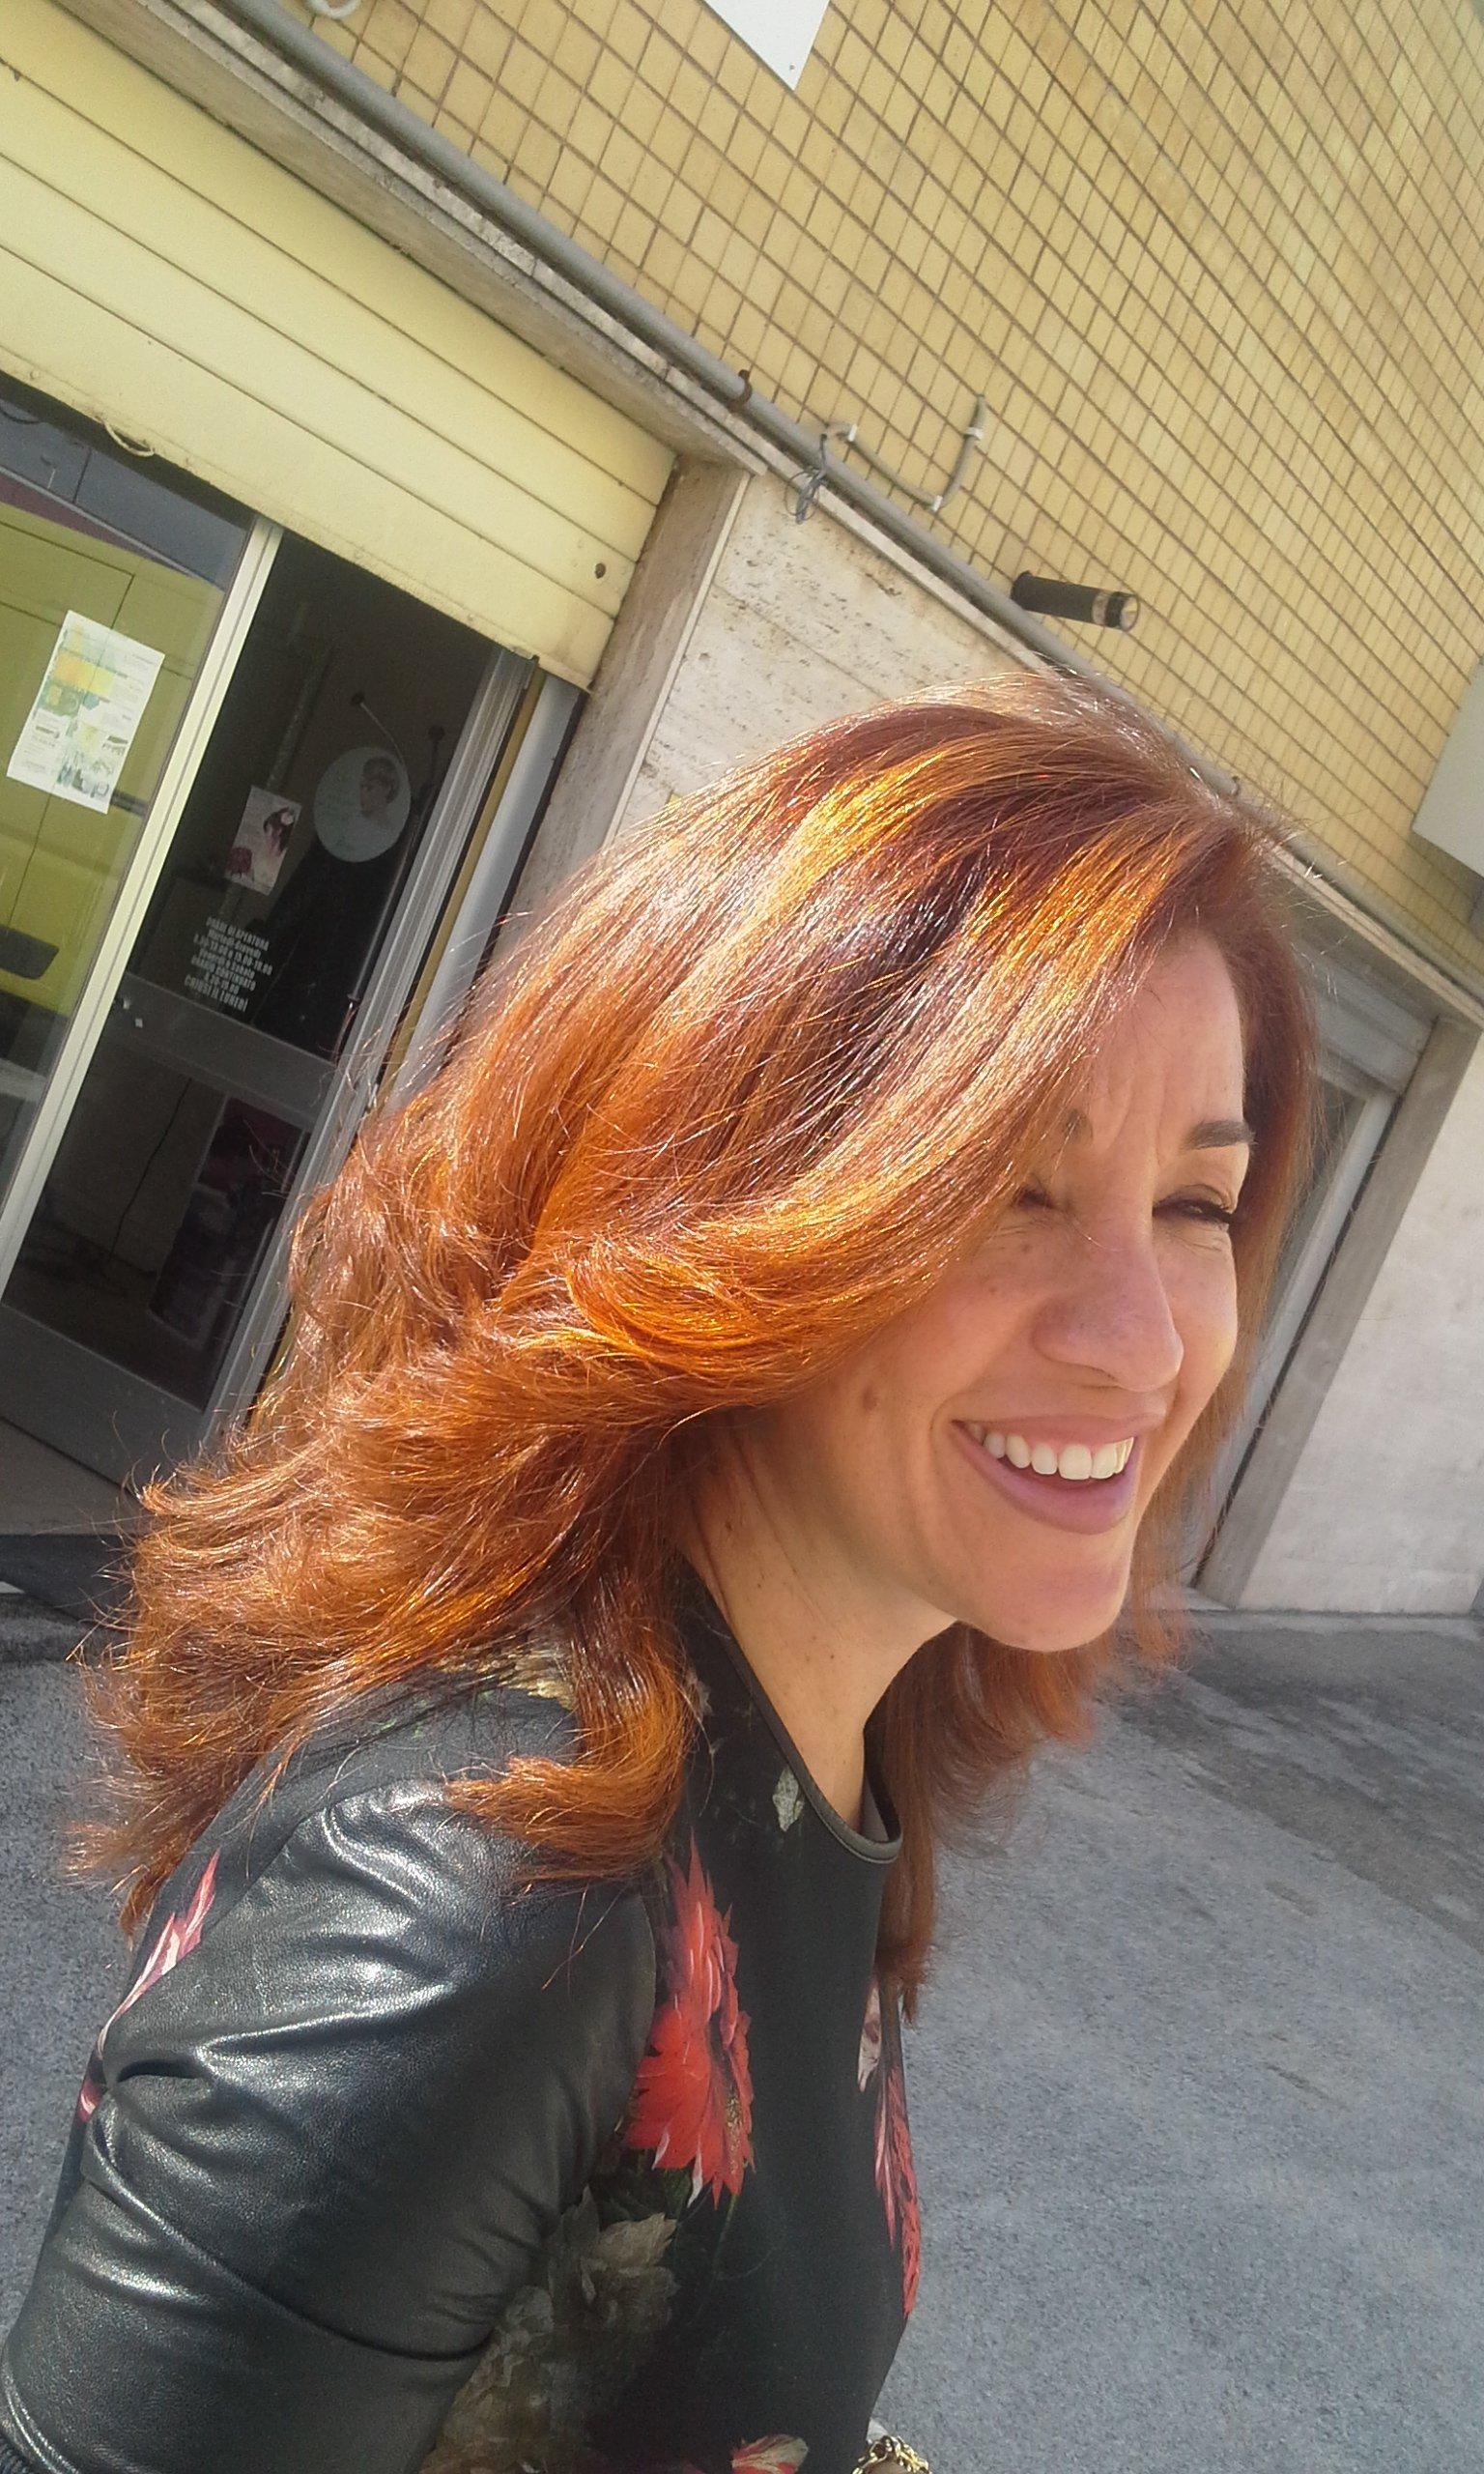 donna con capelli rossi e riflessi biondi